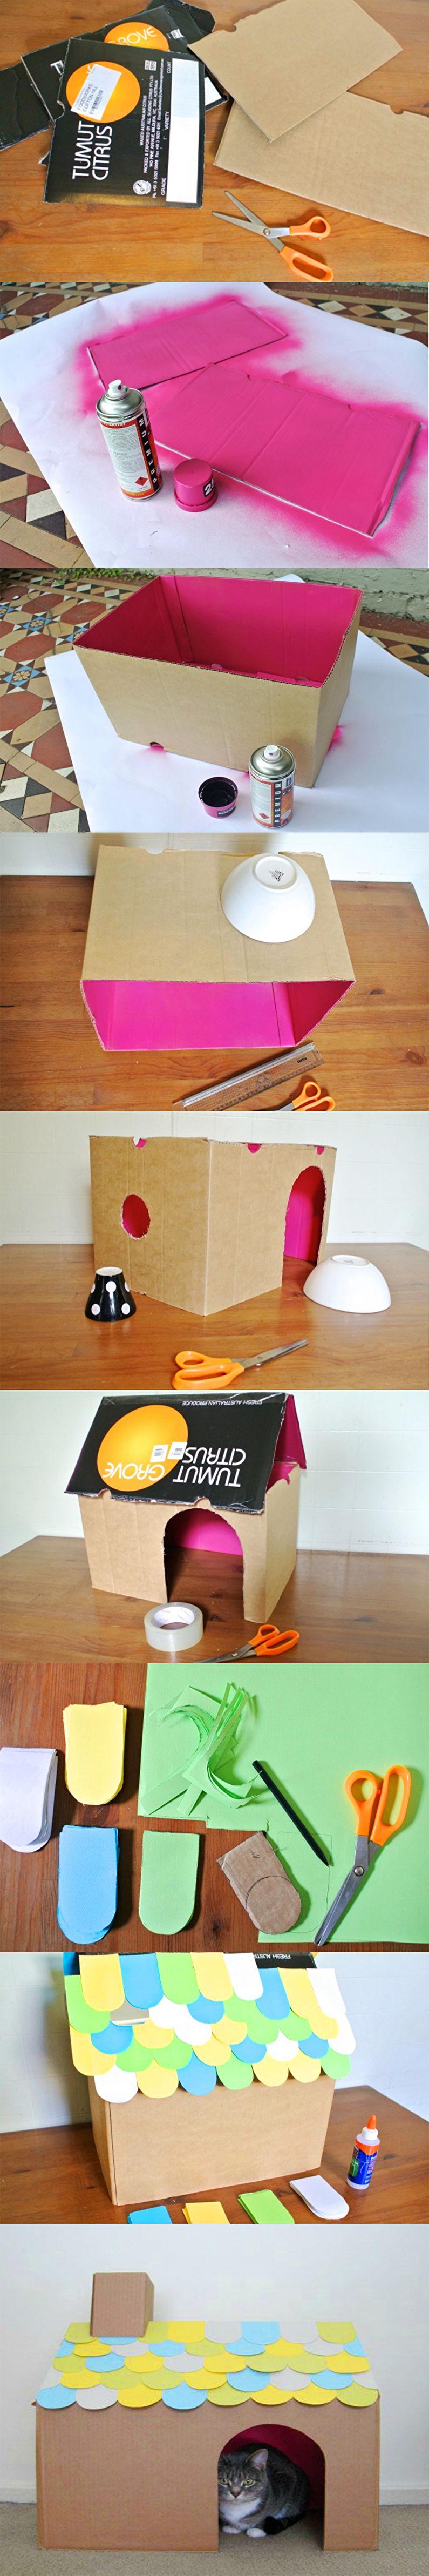 Домик для кошки своими руками - Простой картонный домик